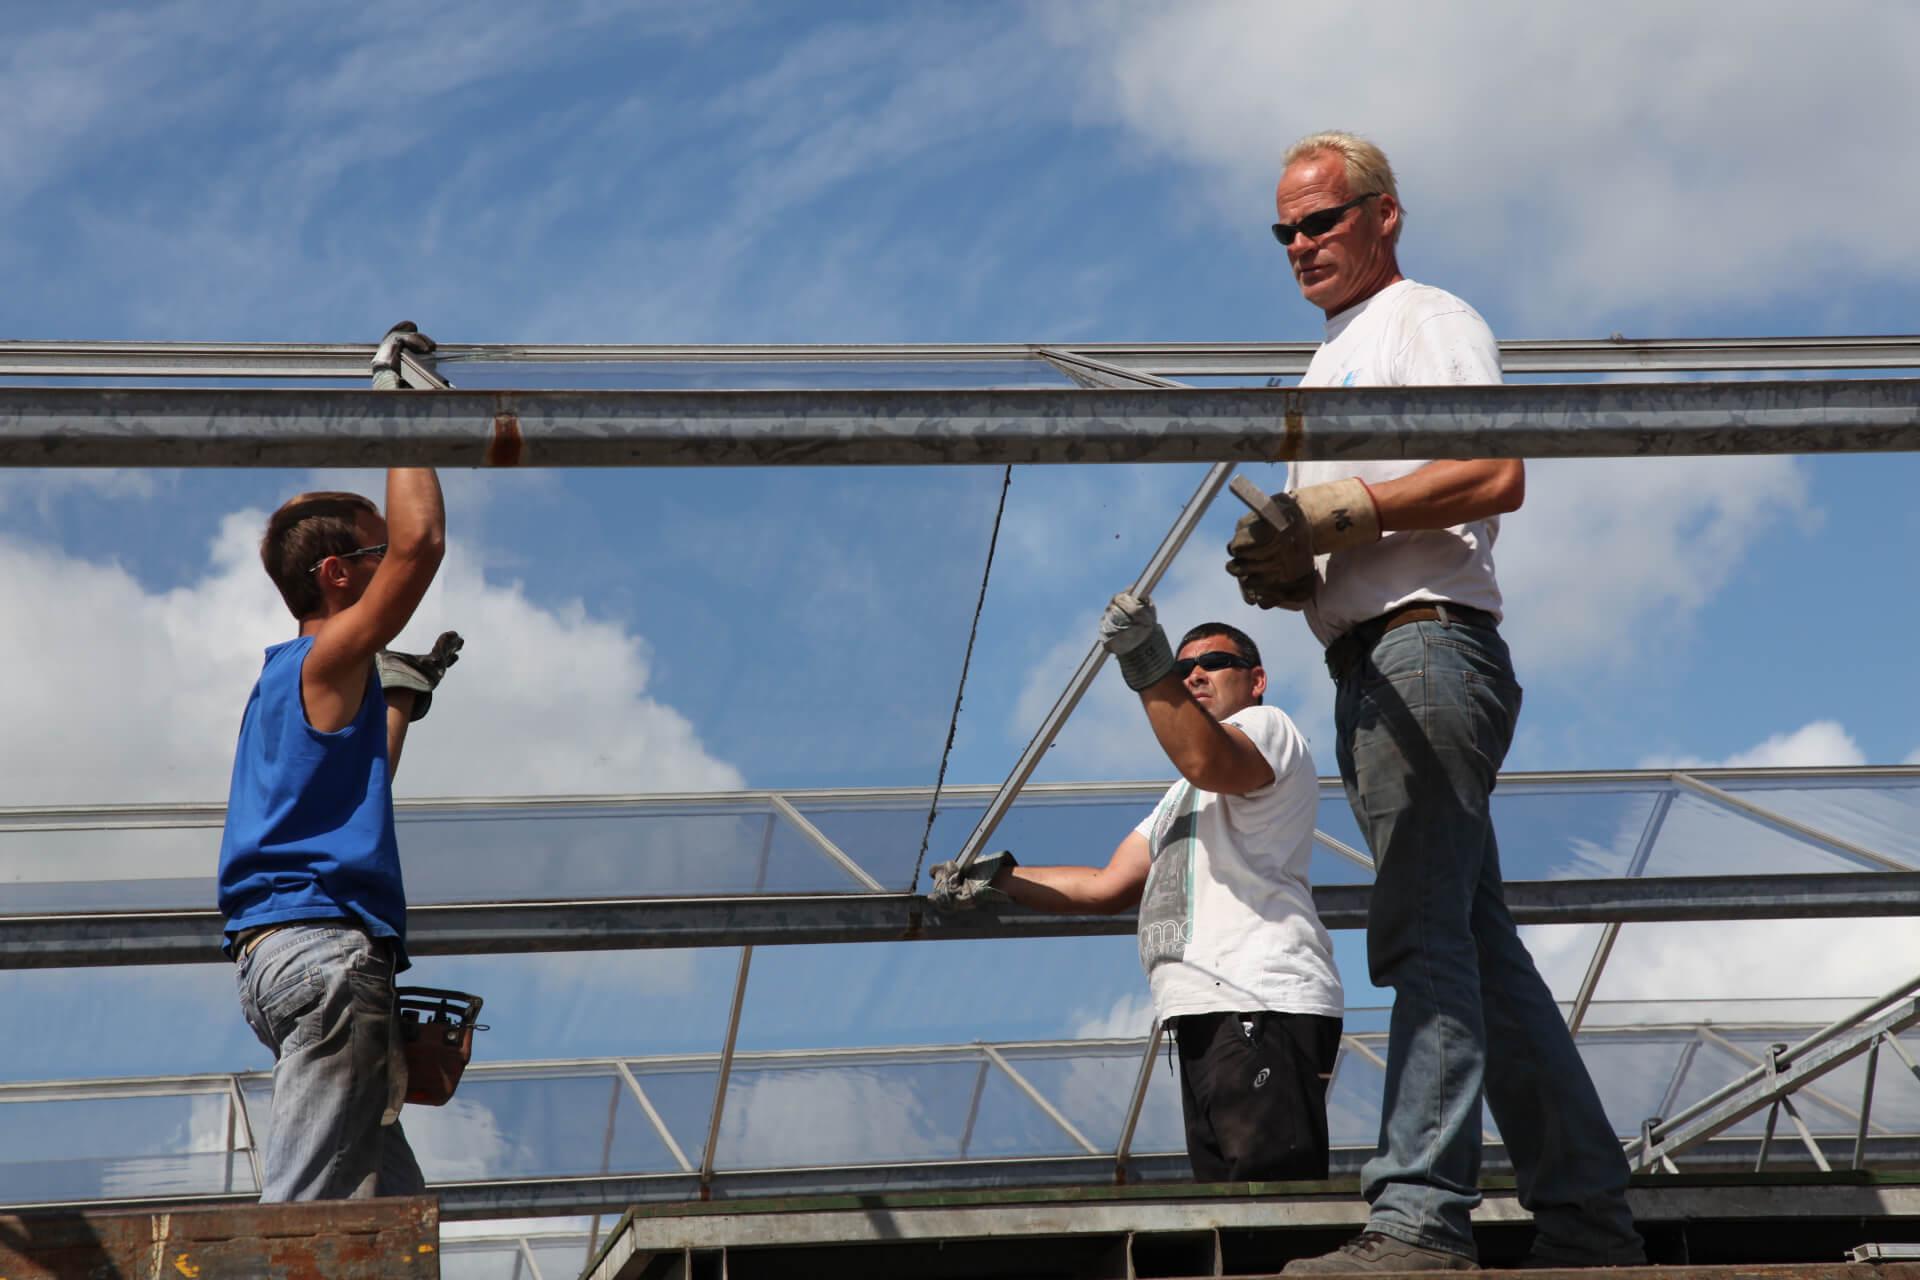 HTGreenhouses Hogervorst Tabben vacatures werken kassenbouwer